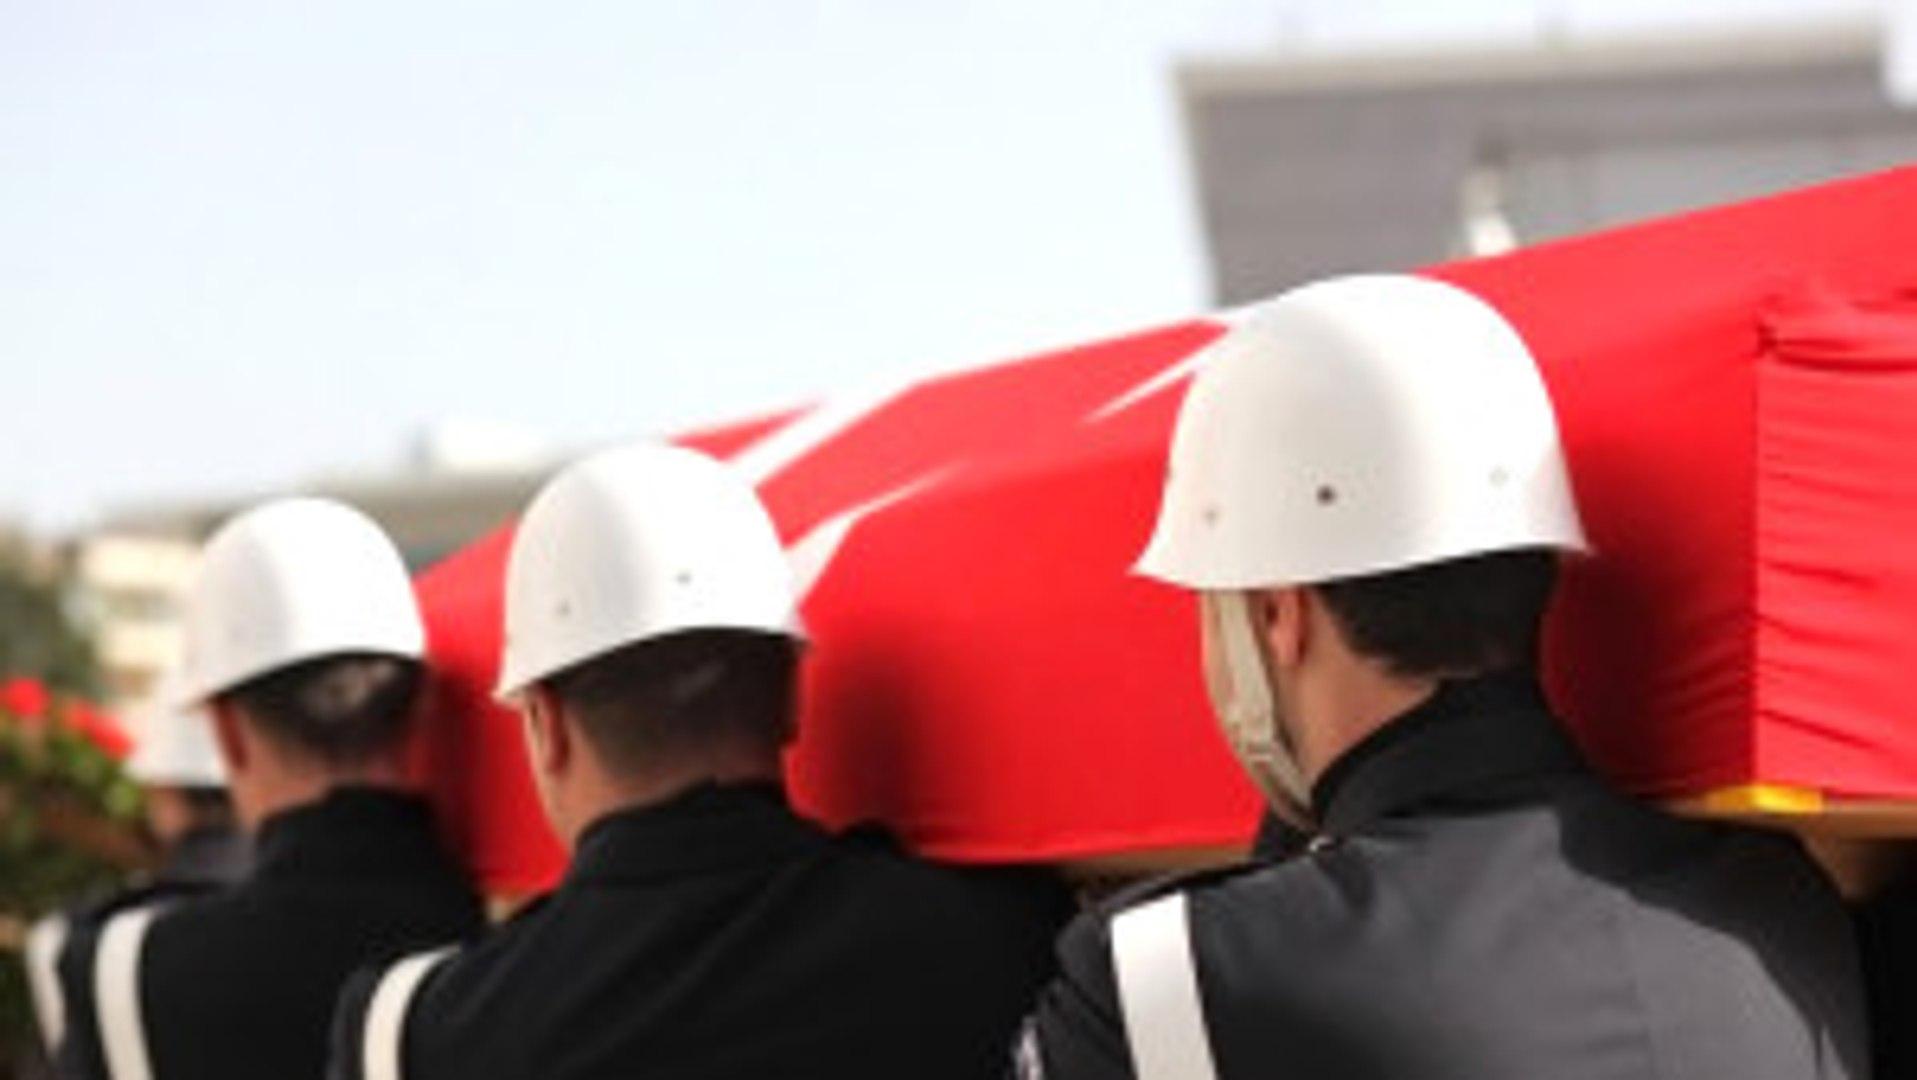 Son Dakika! El Bab'dan Acı Haber: 1 Asker Şehit Oldu